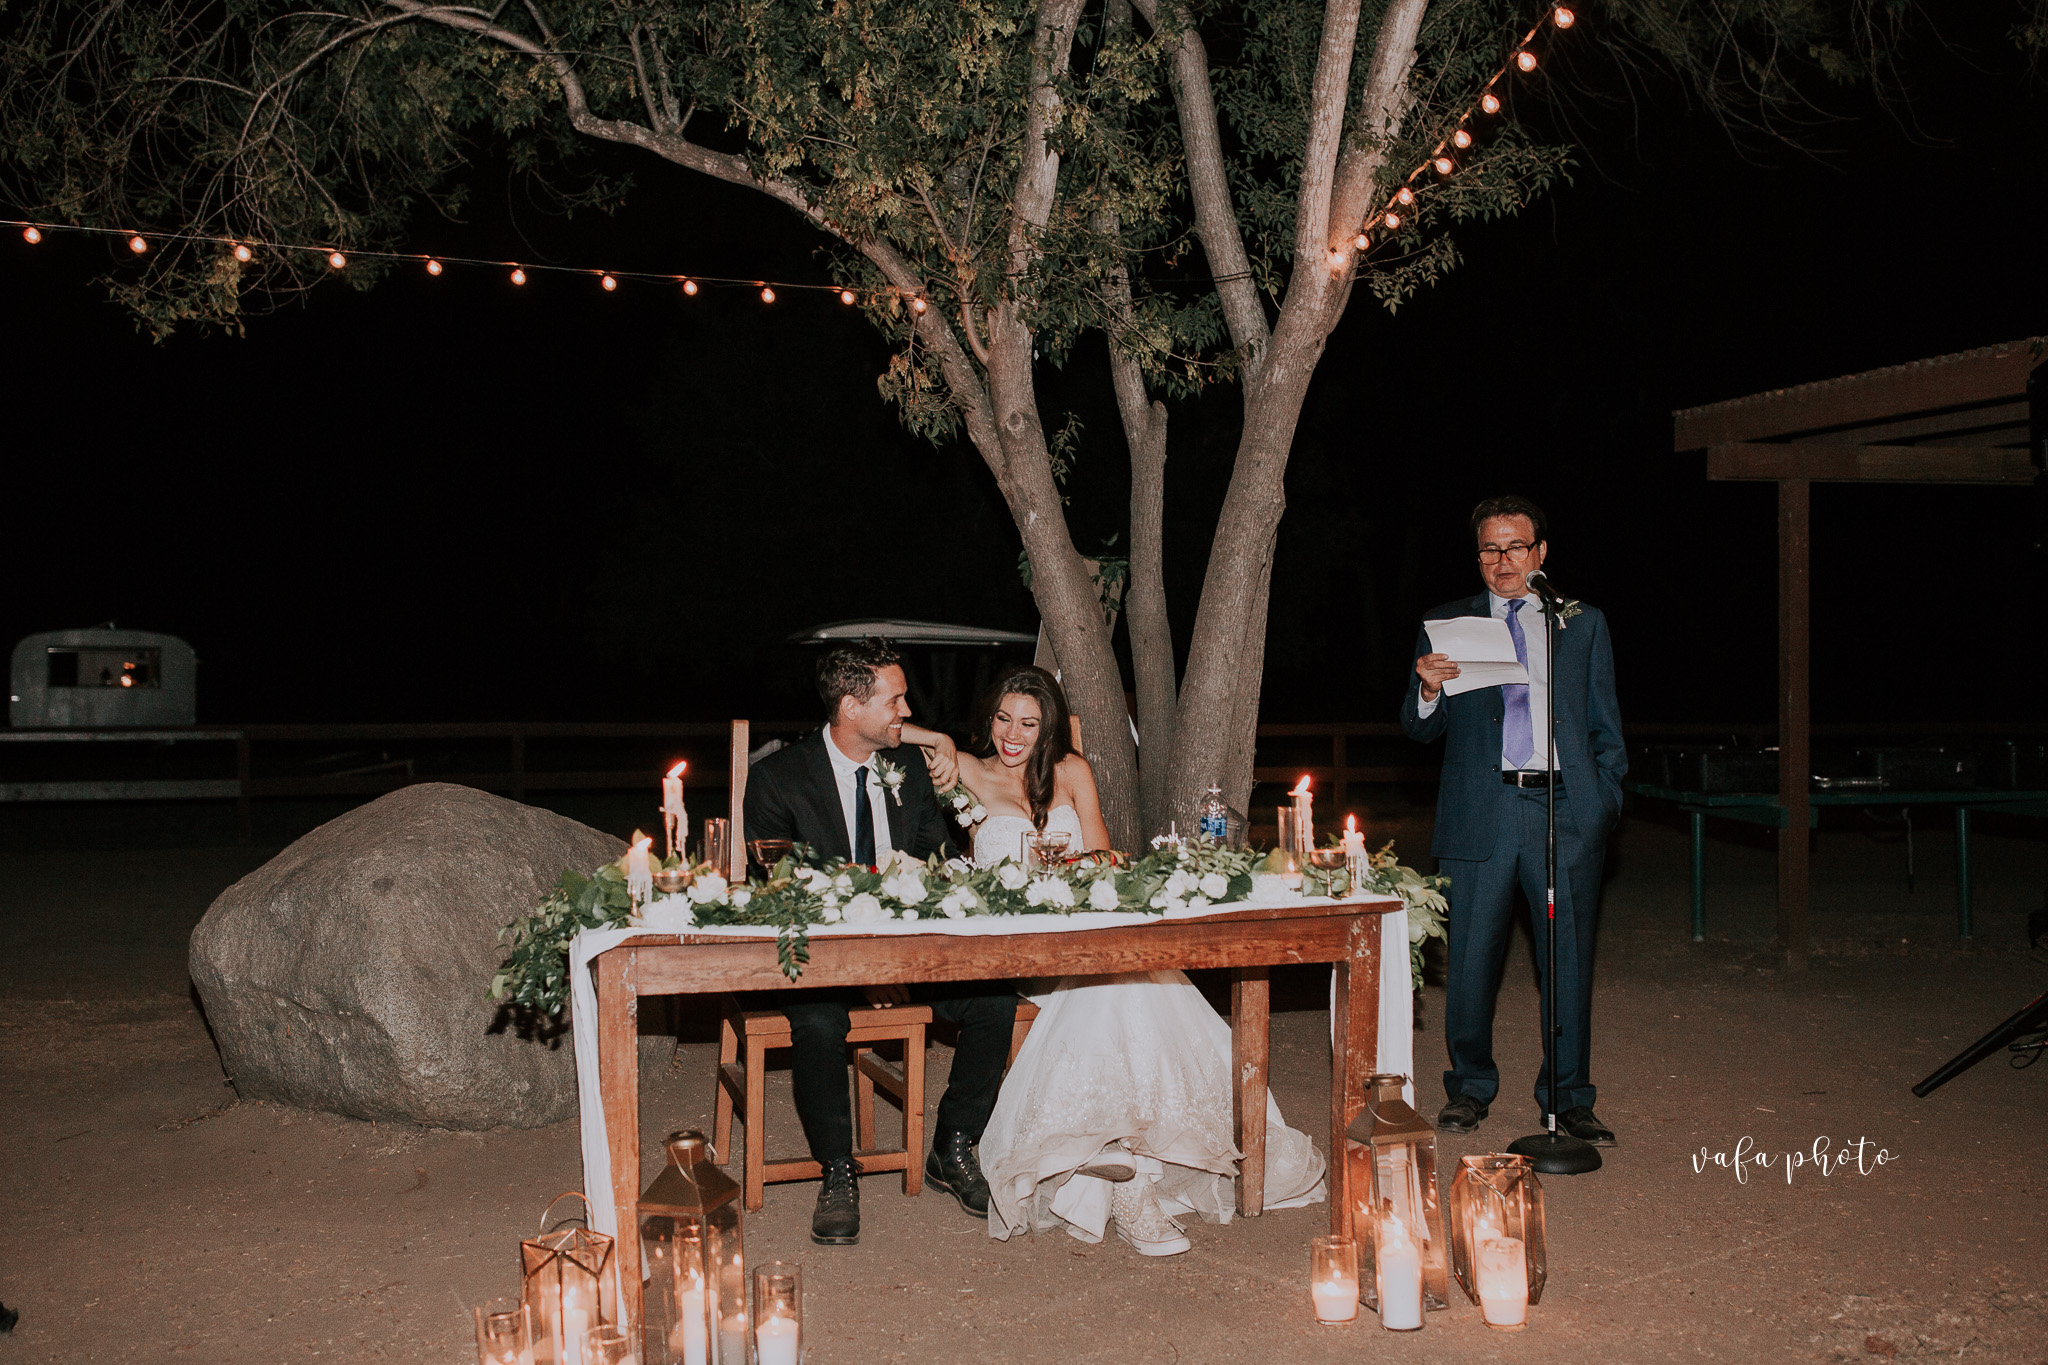 Southern-California-Wedding-Britt-Nilsson-Jeremy-Byrne-Vafa-Photo-932.jpg